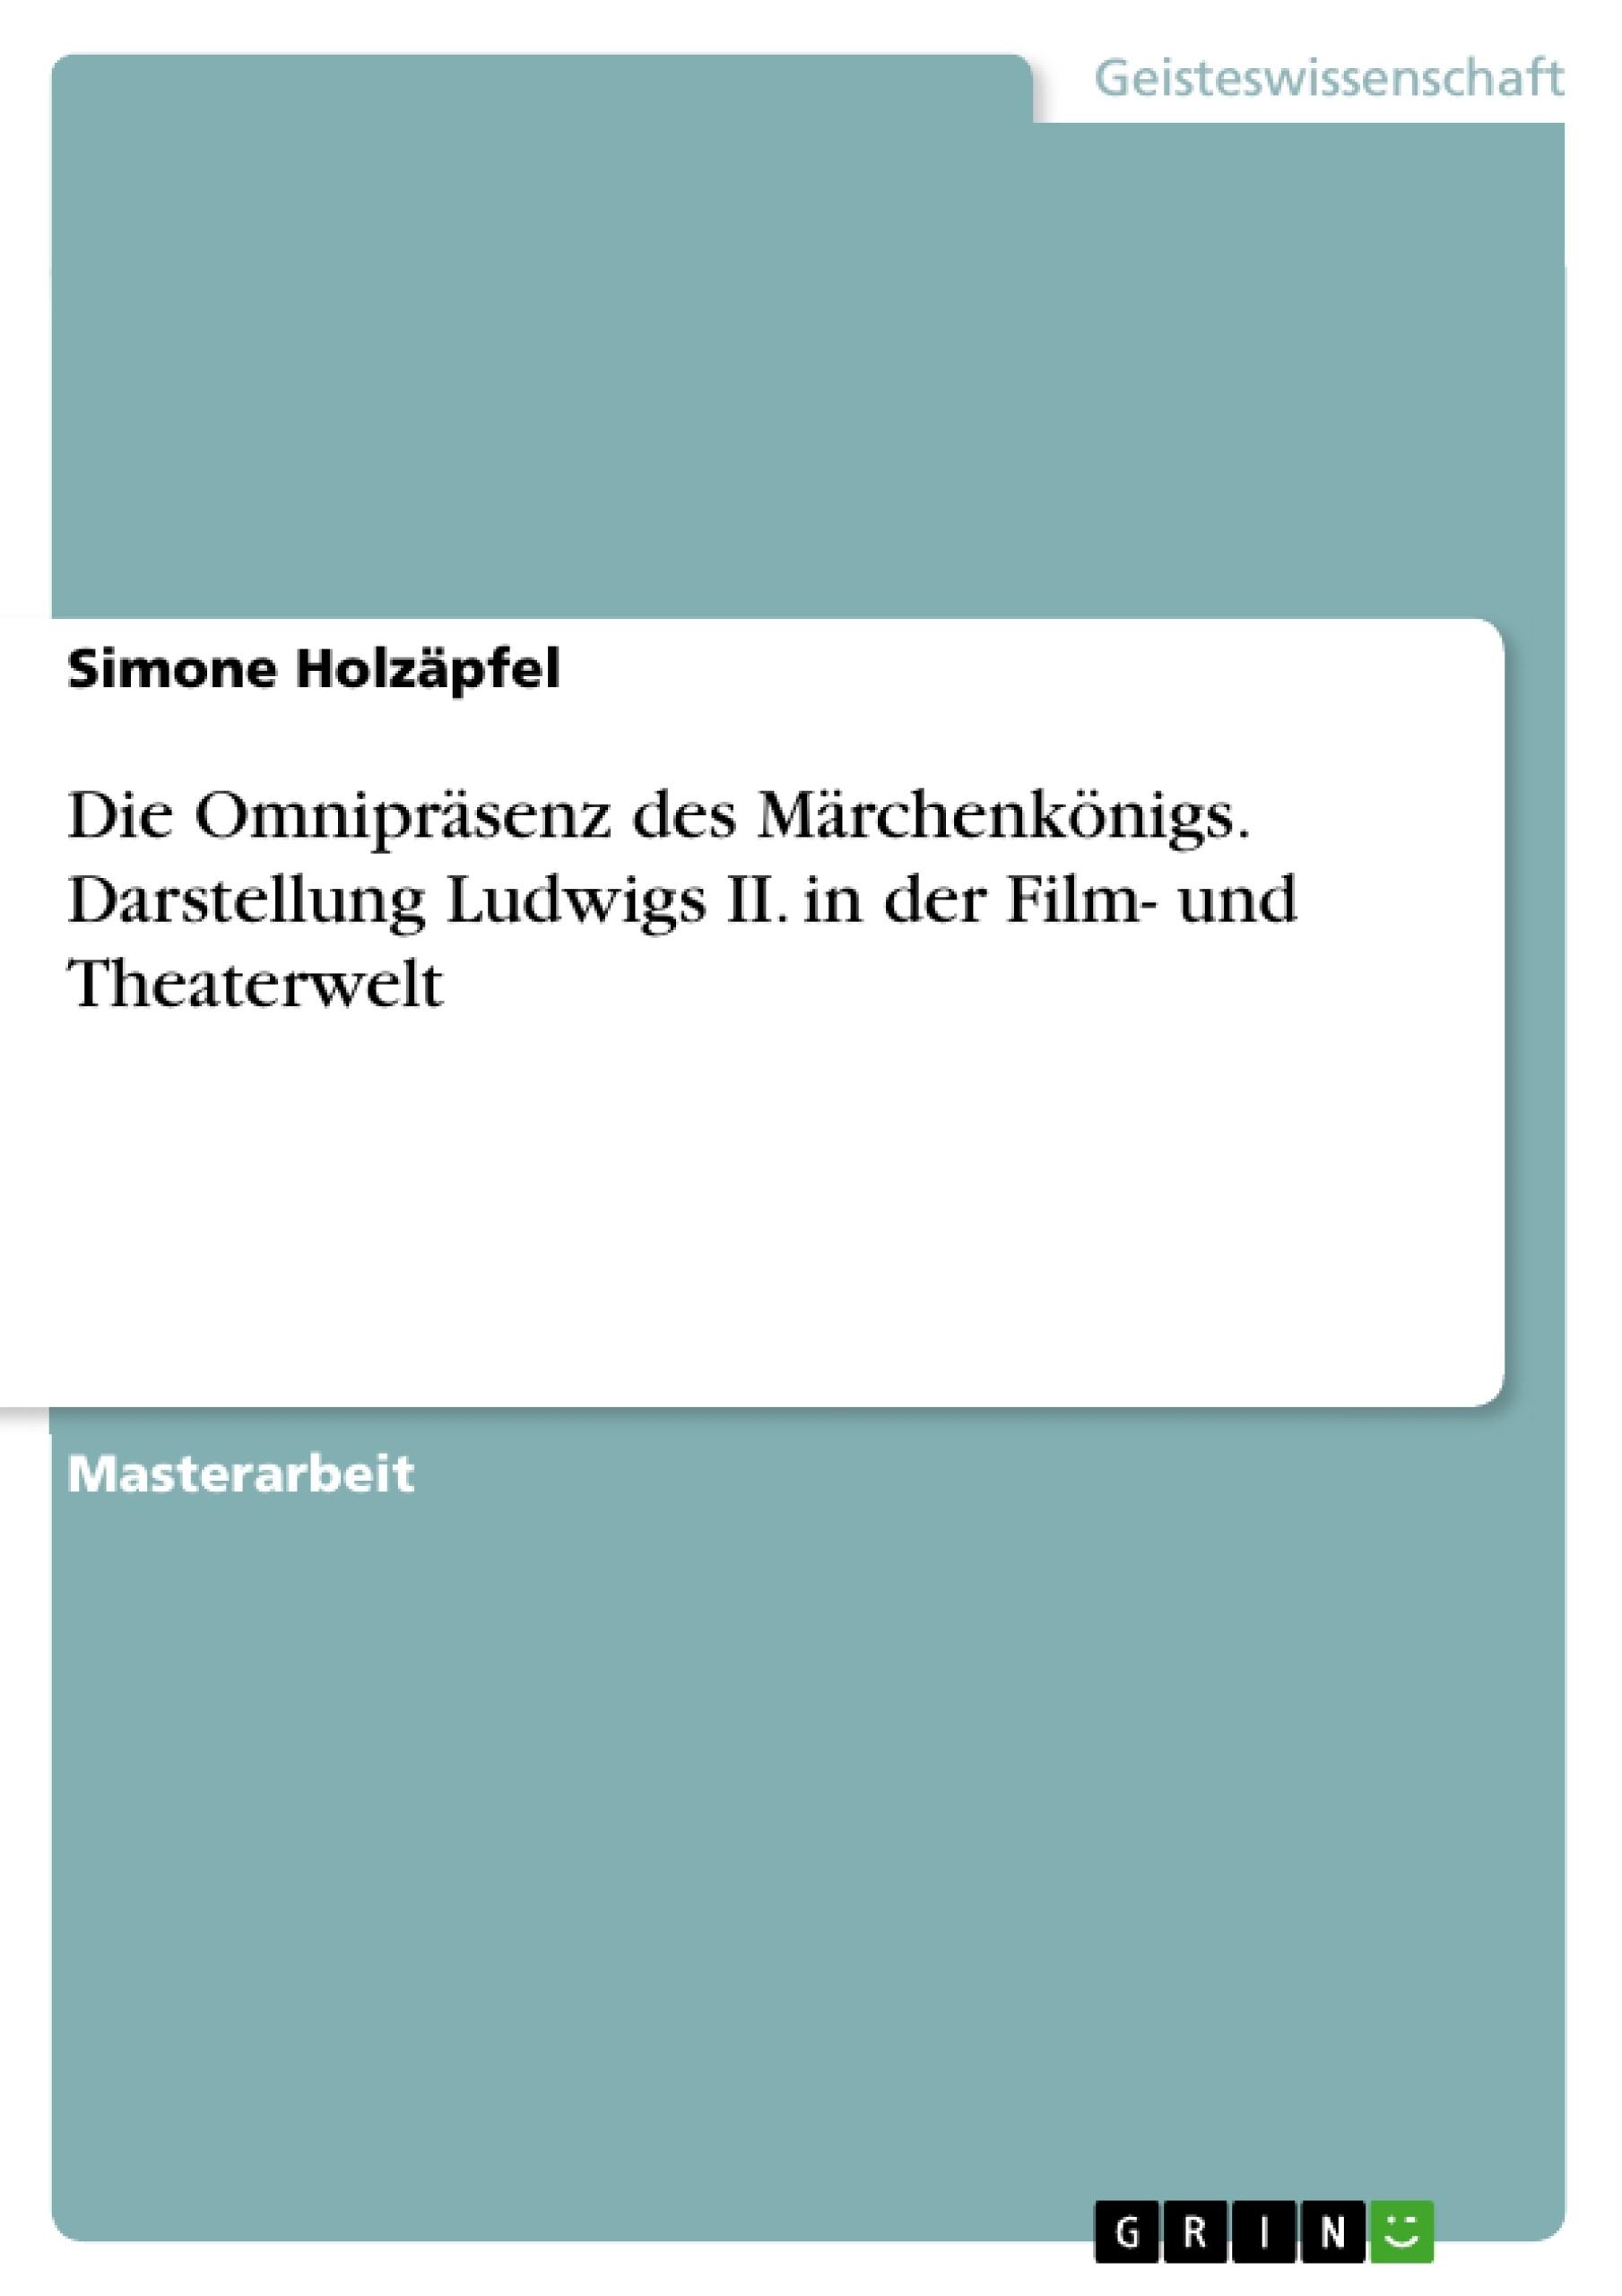 Titel: Die Omnipräsenz des Märchenkönigs. Darstellung Ludwigs II. in der Film- und Theaterwelt